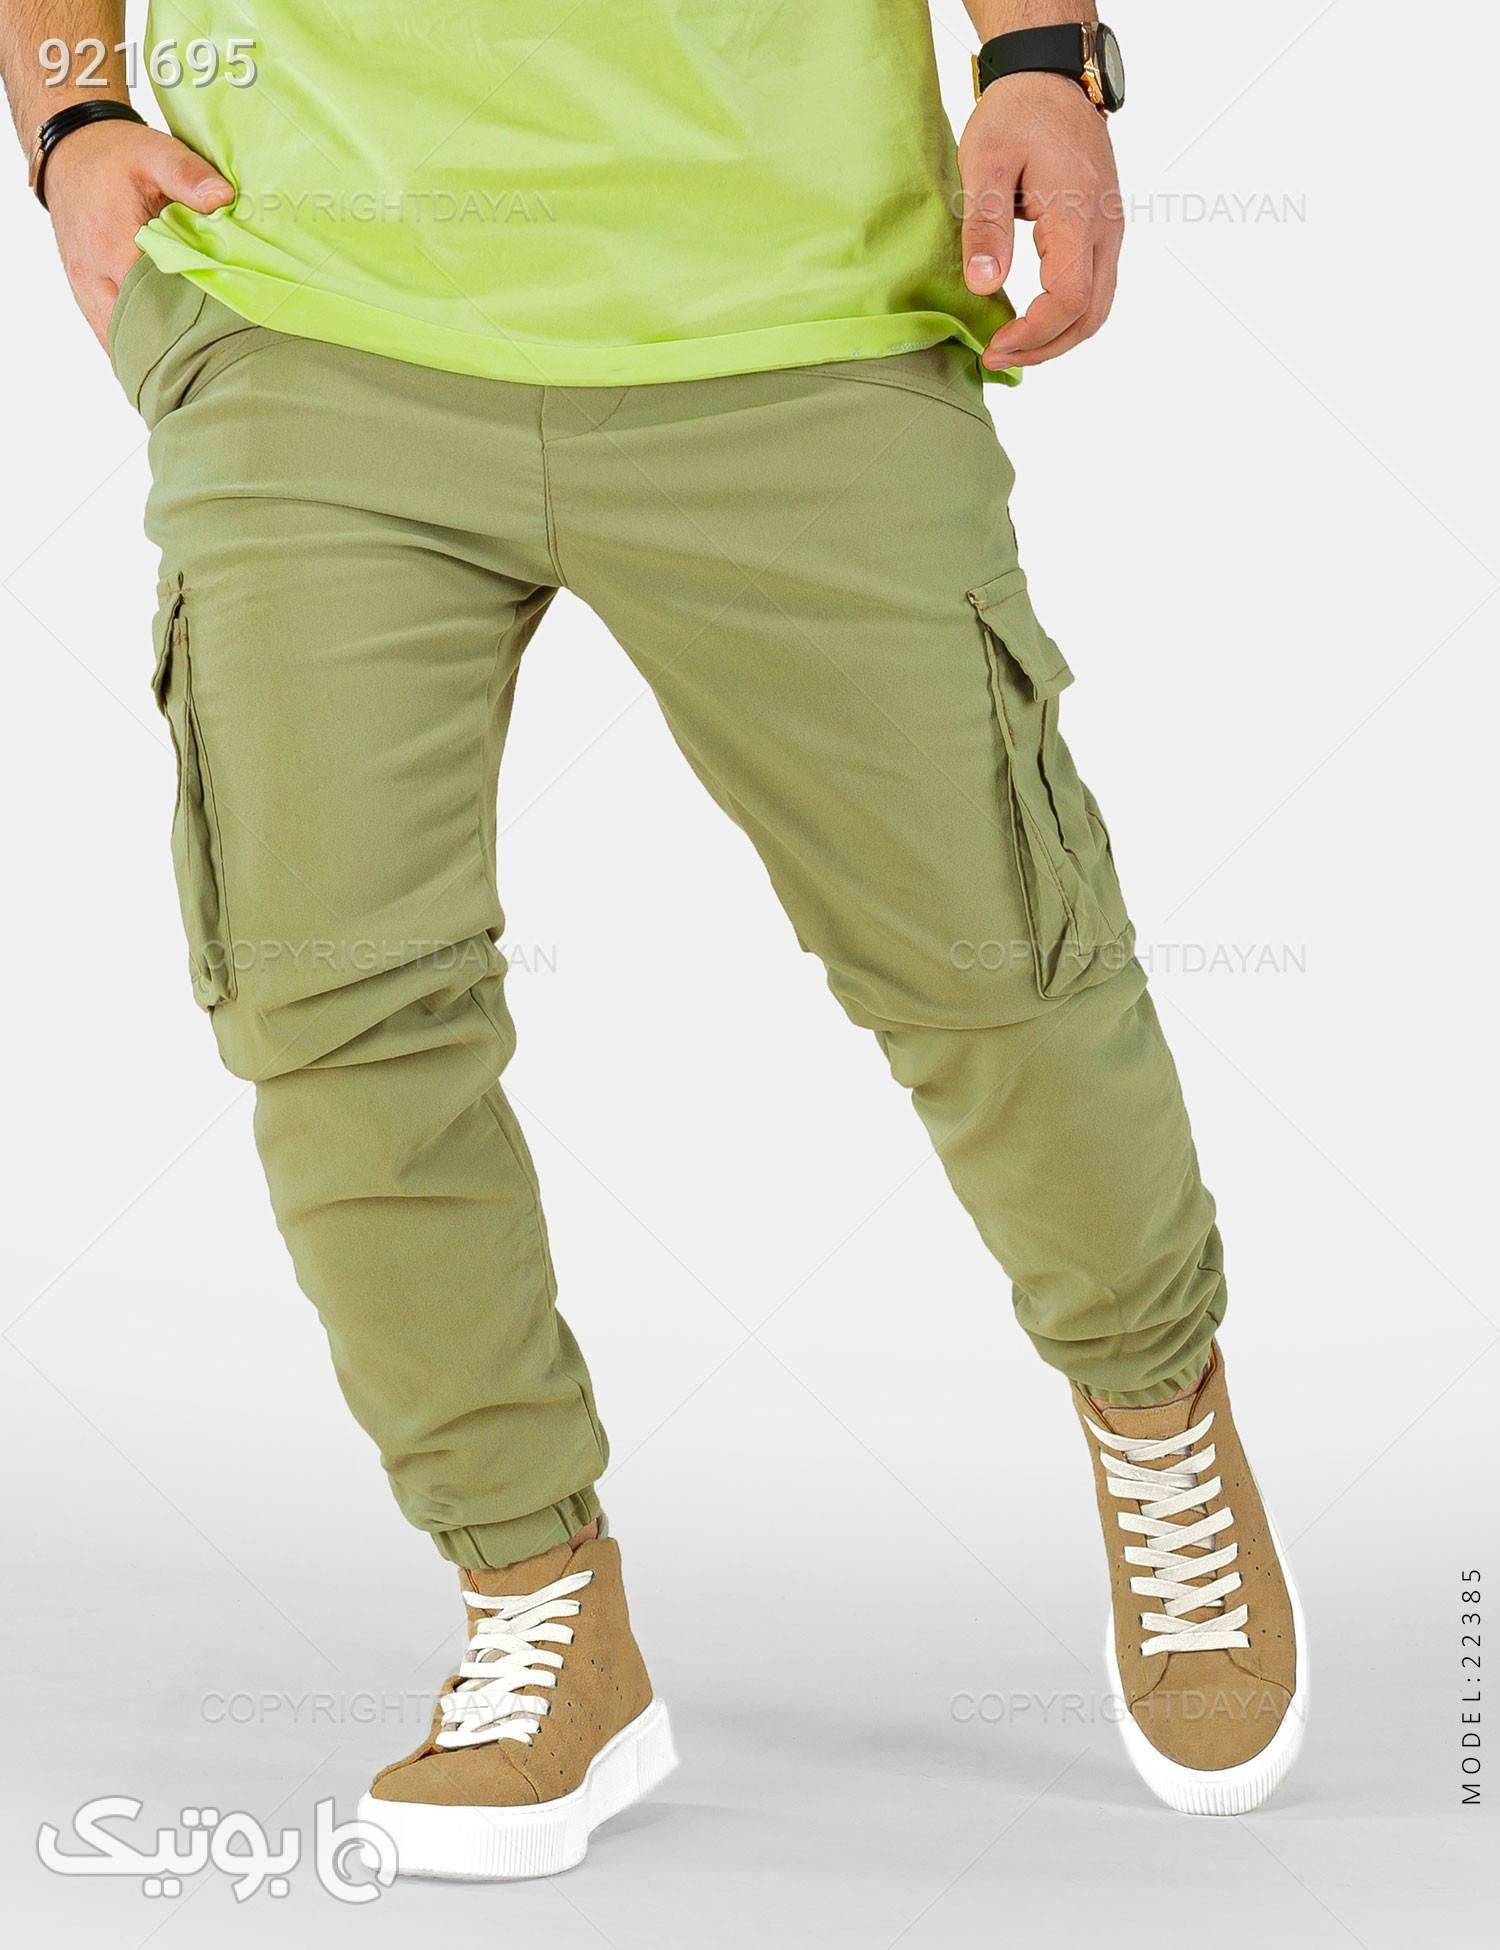 شلوار اسلش مردانه Denver مدل 22385 سبز شلوار اسلش مردانه